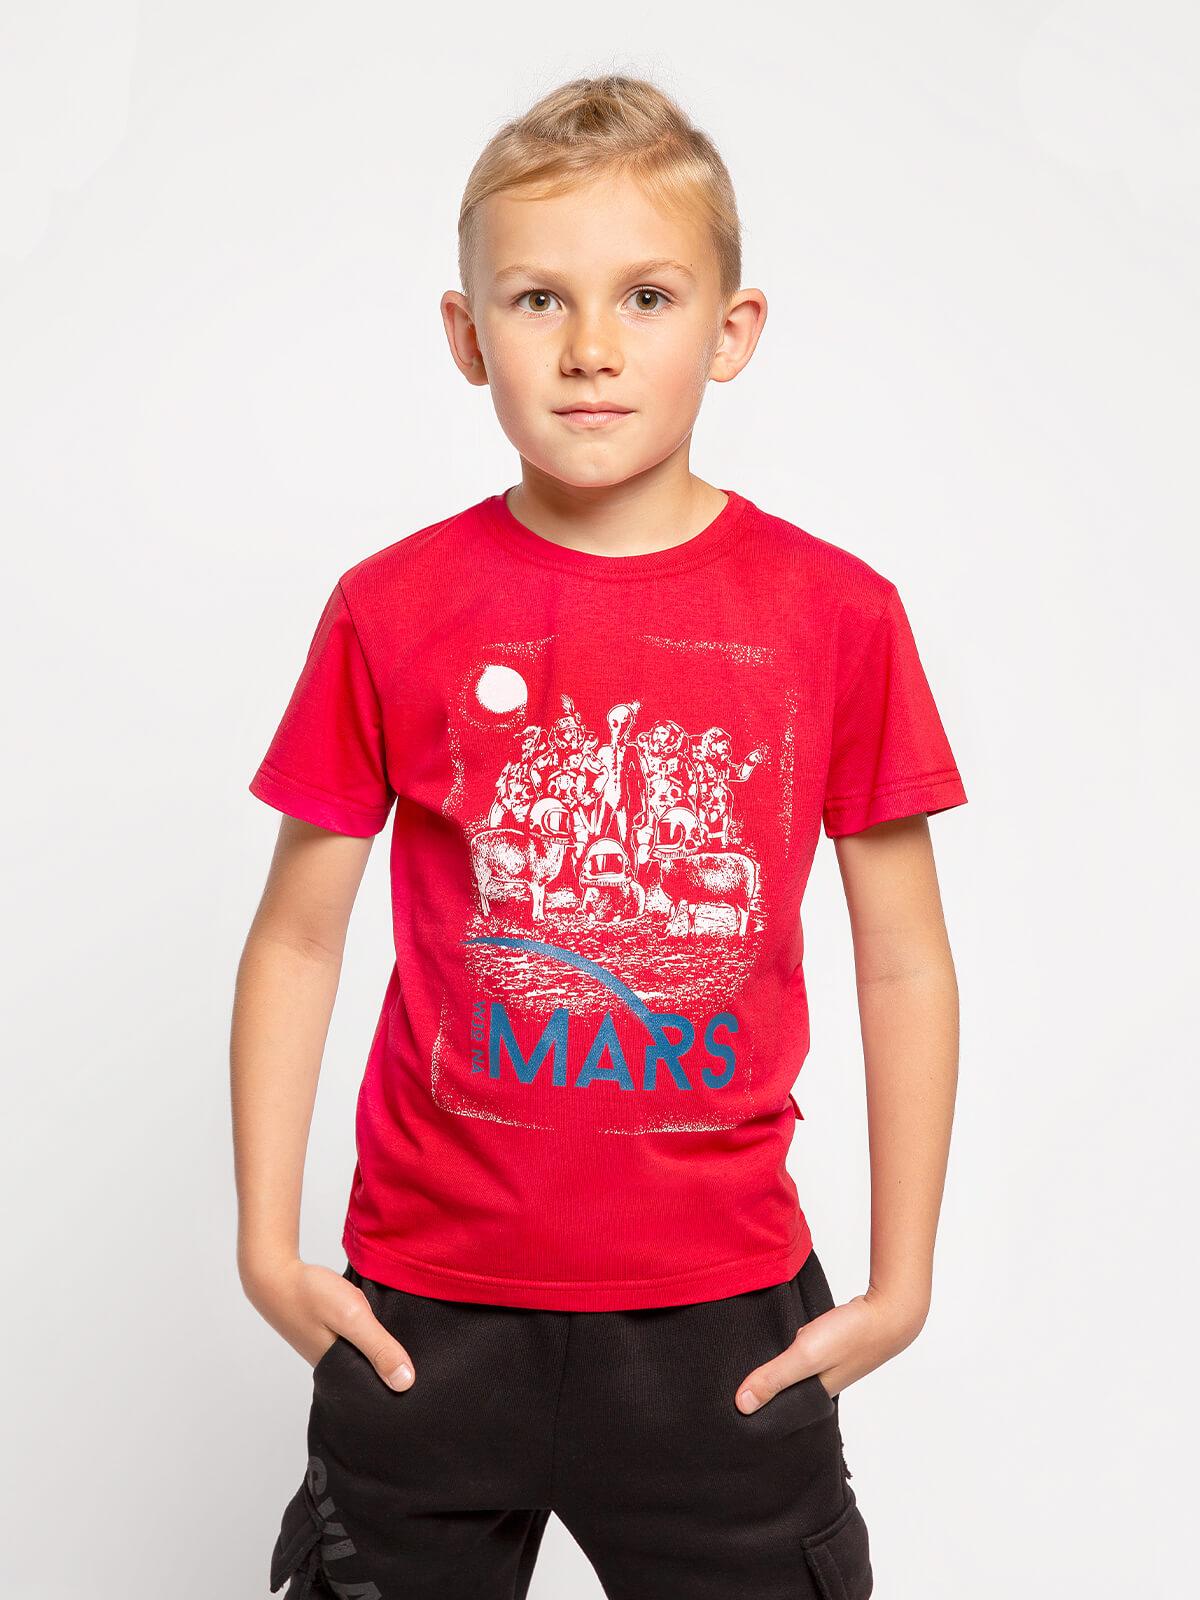 Дитяча Футболка Mars. Колір червоний. Футболка унісекс.